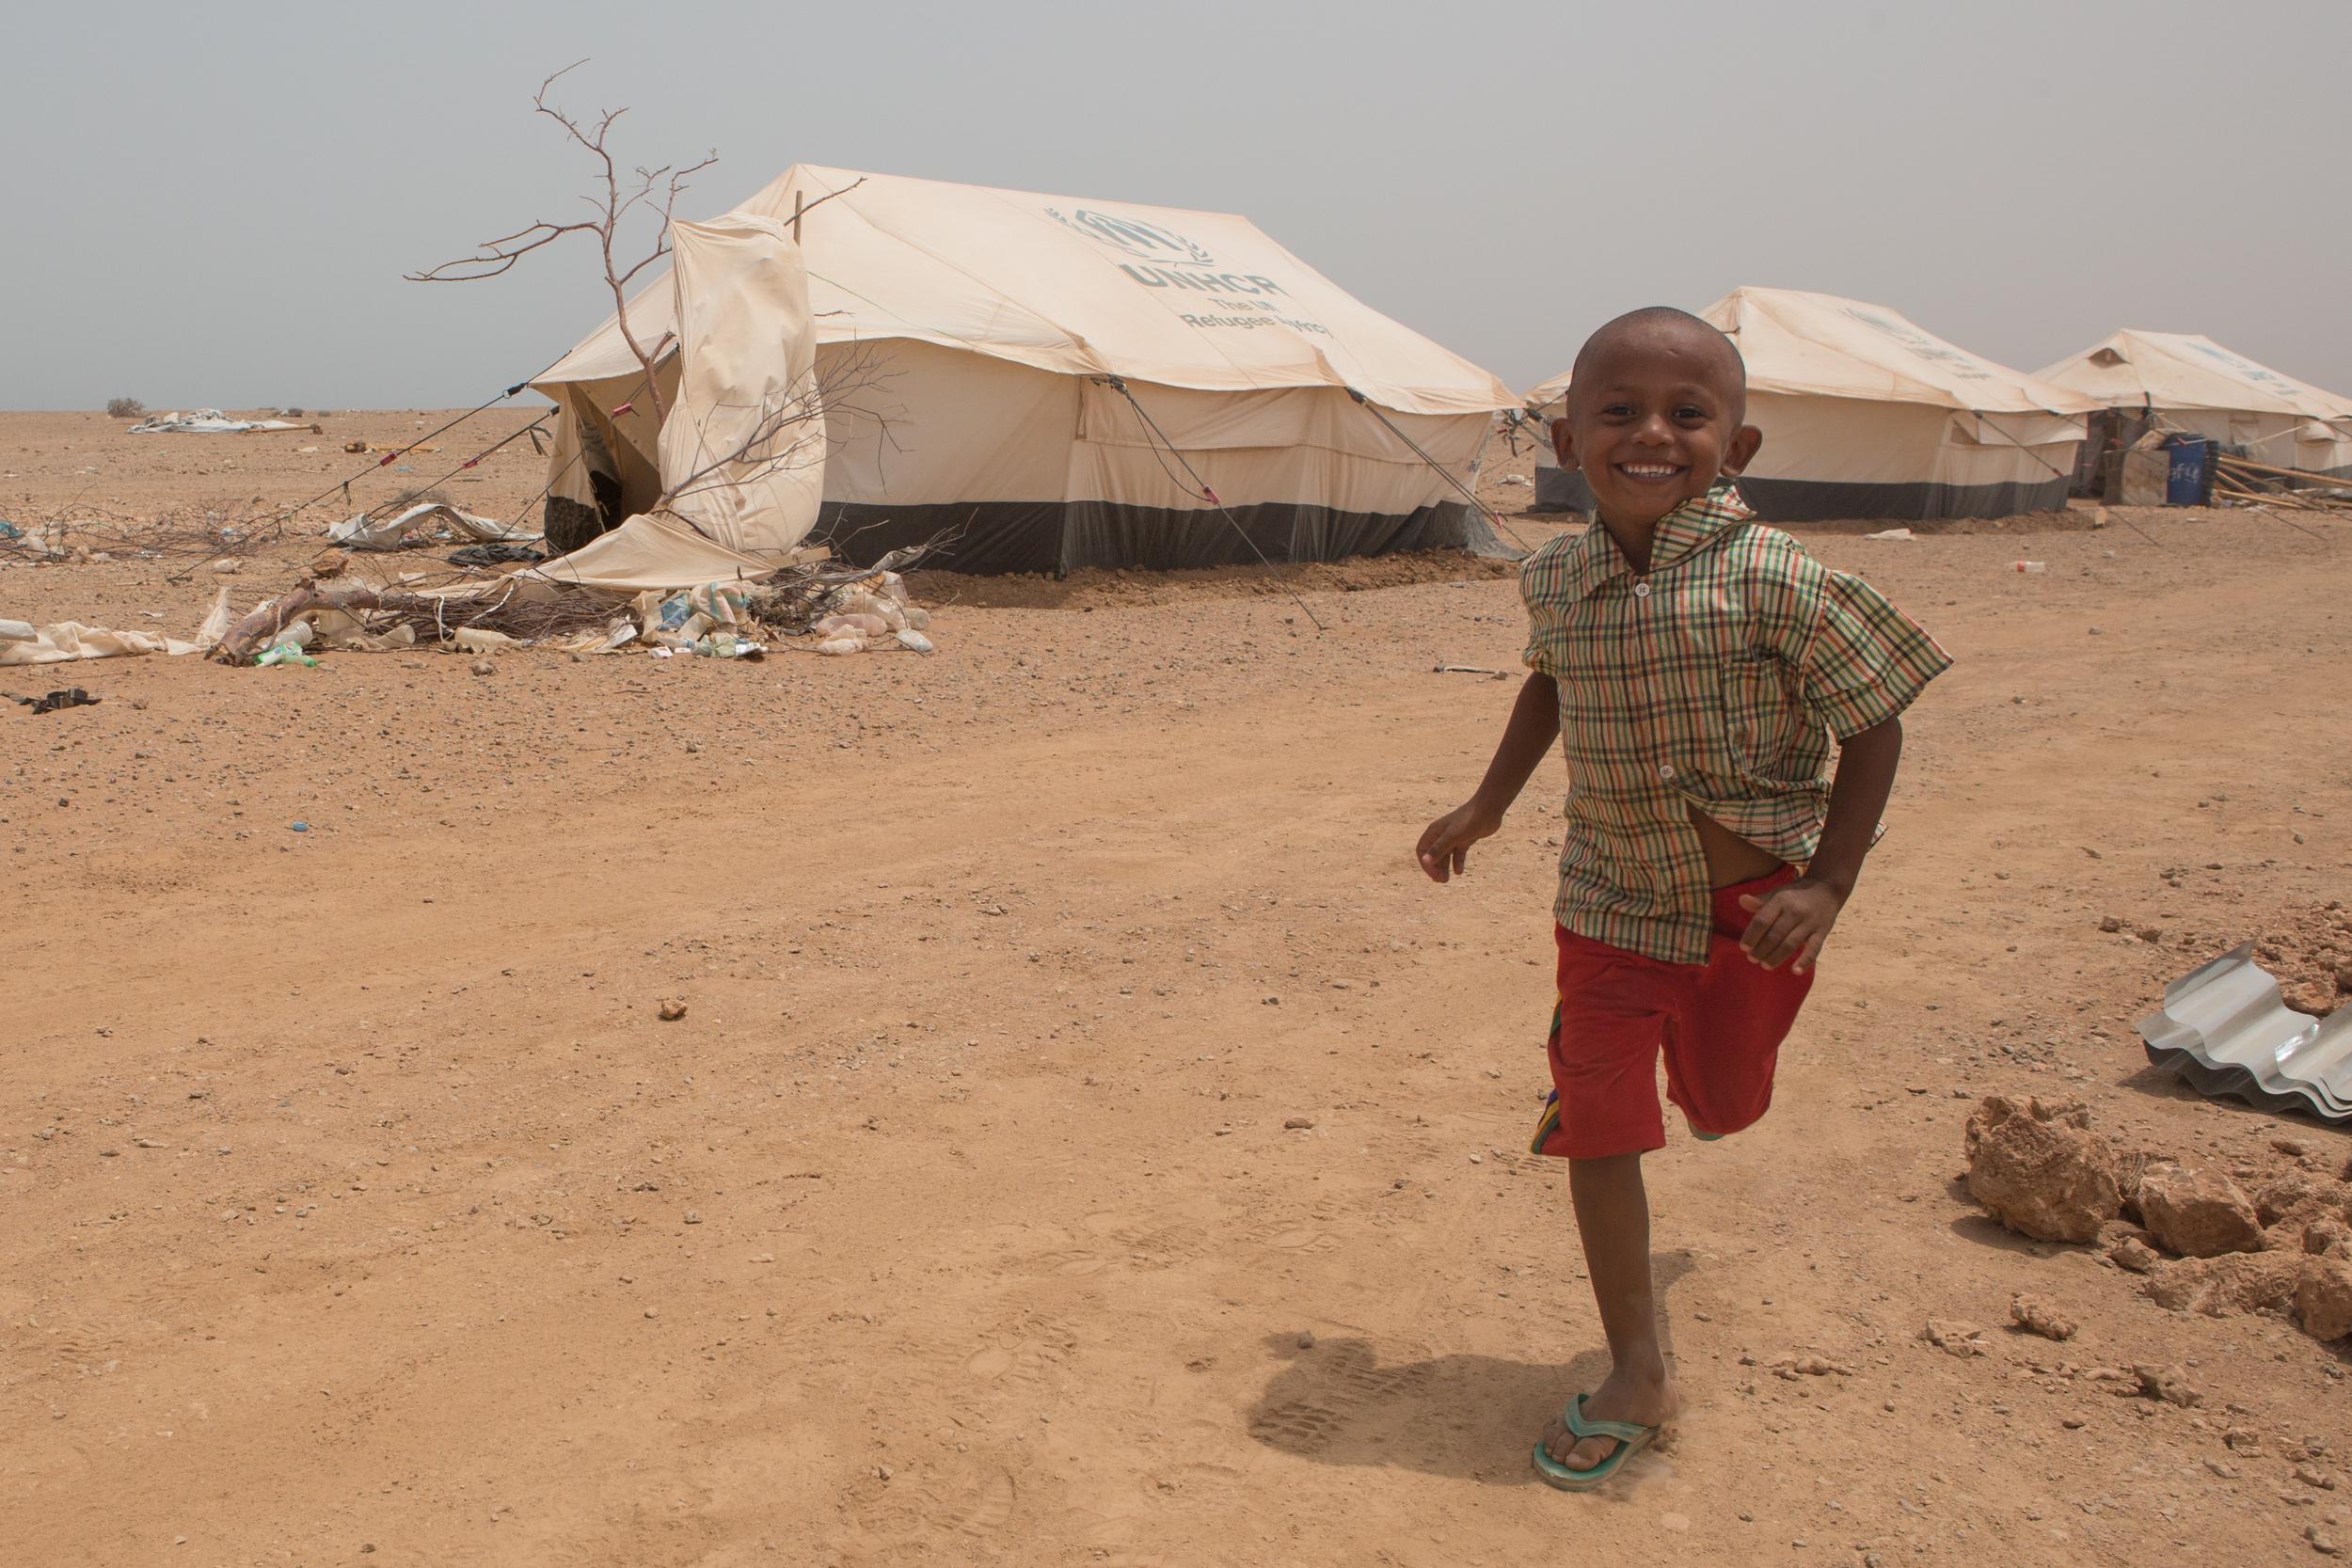 © UNICEF/UNI191333/Matas